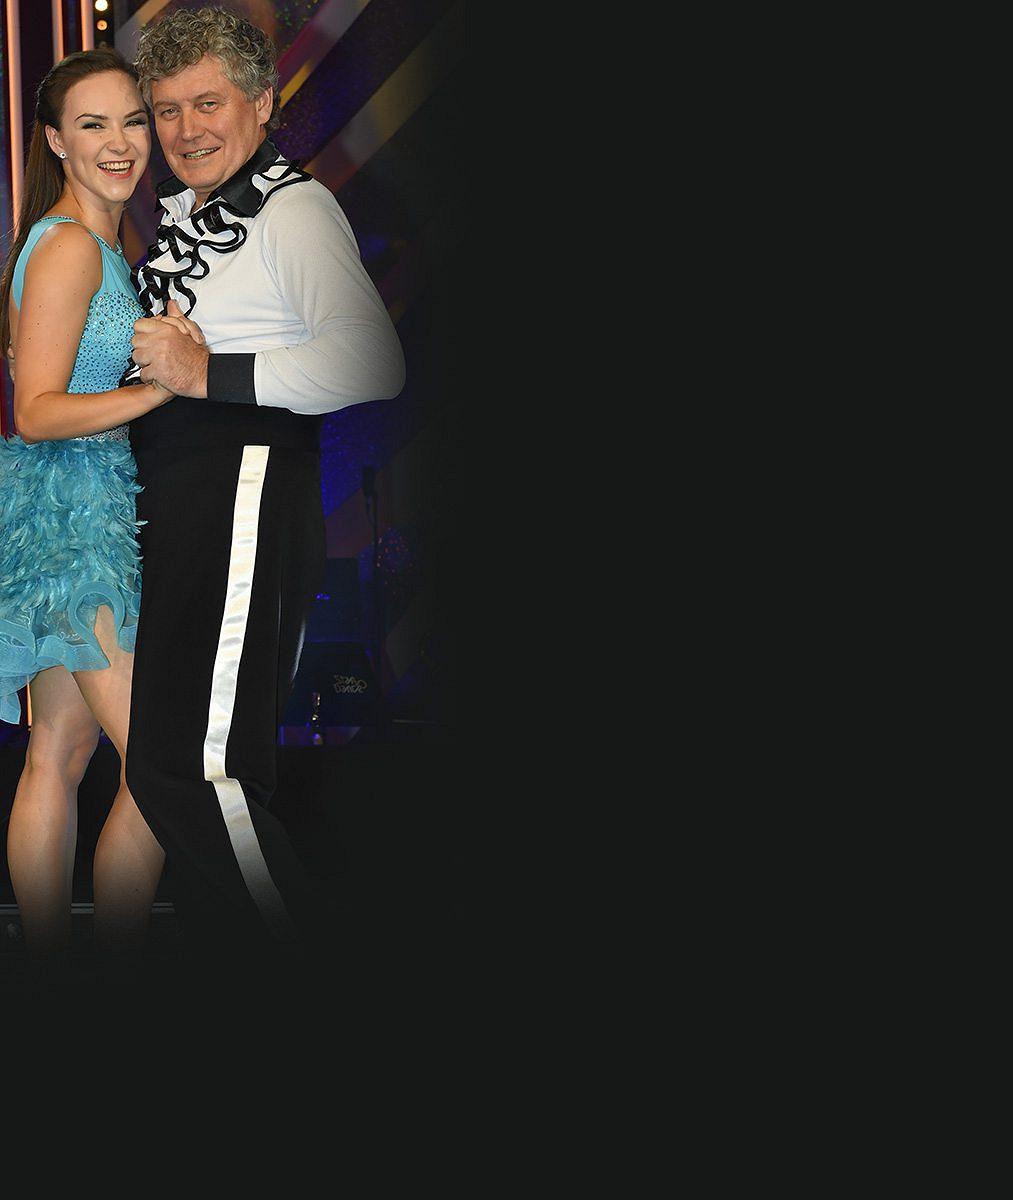 Ženská přesila: Miroslava Hanuše na první StarDance podpořila rodina, pochlubil se manželkou a dcerami